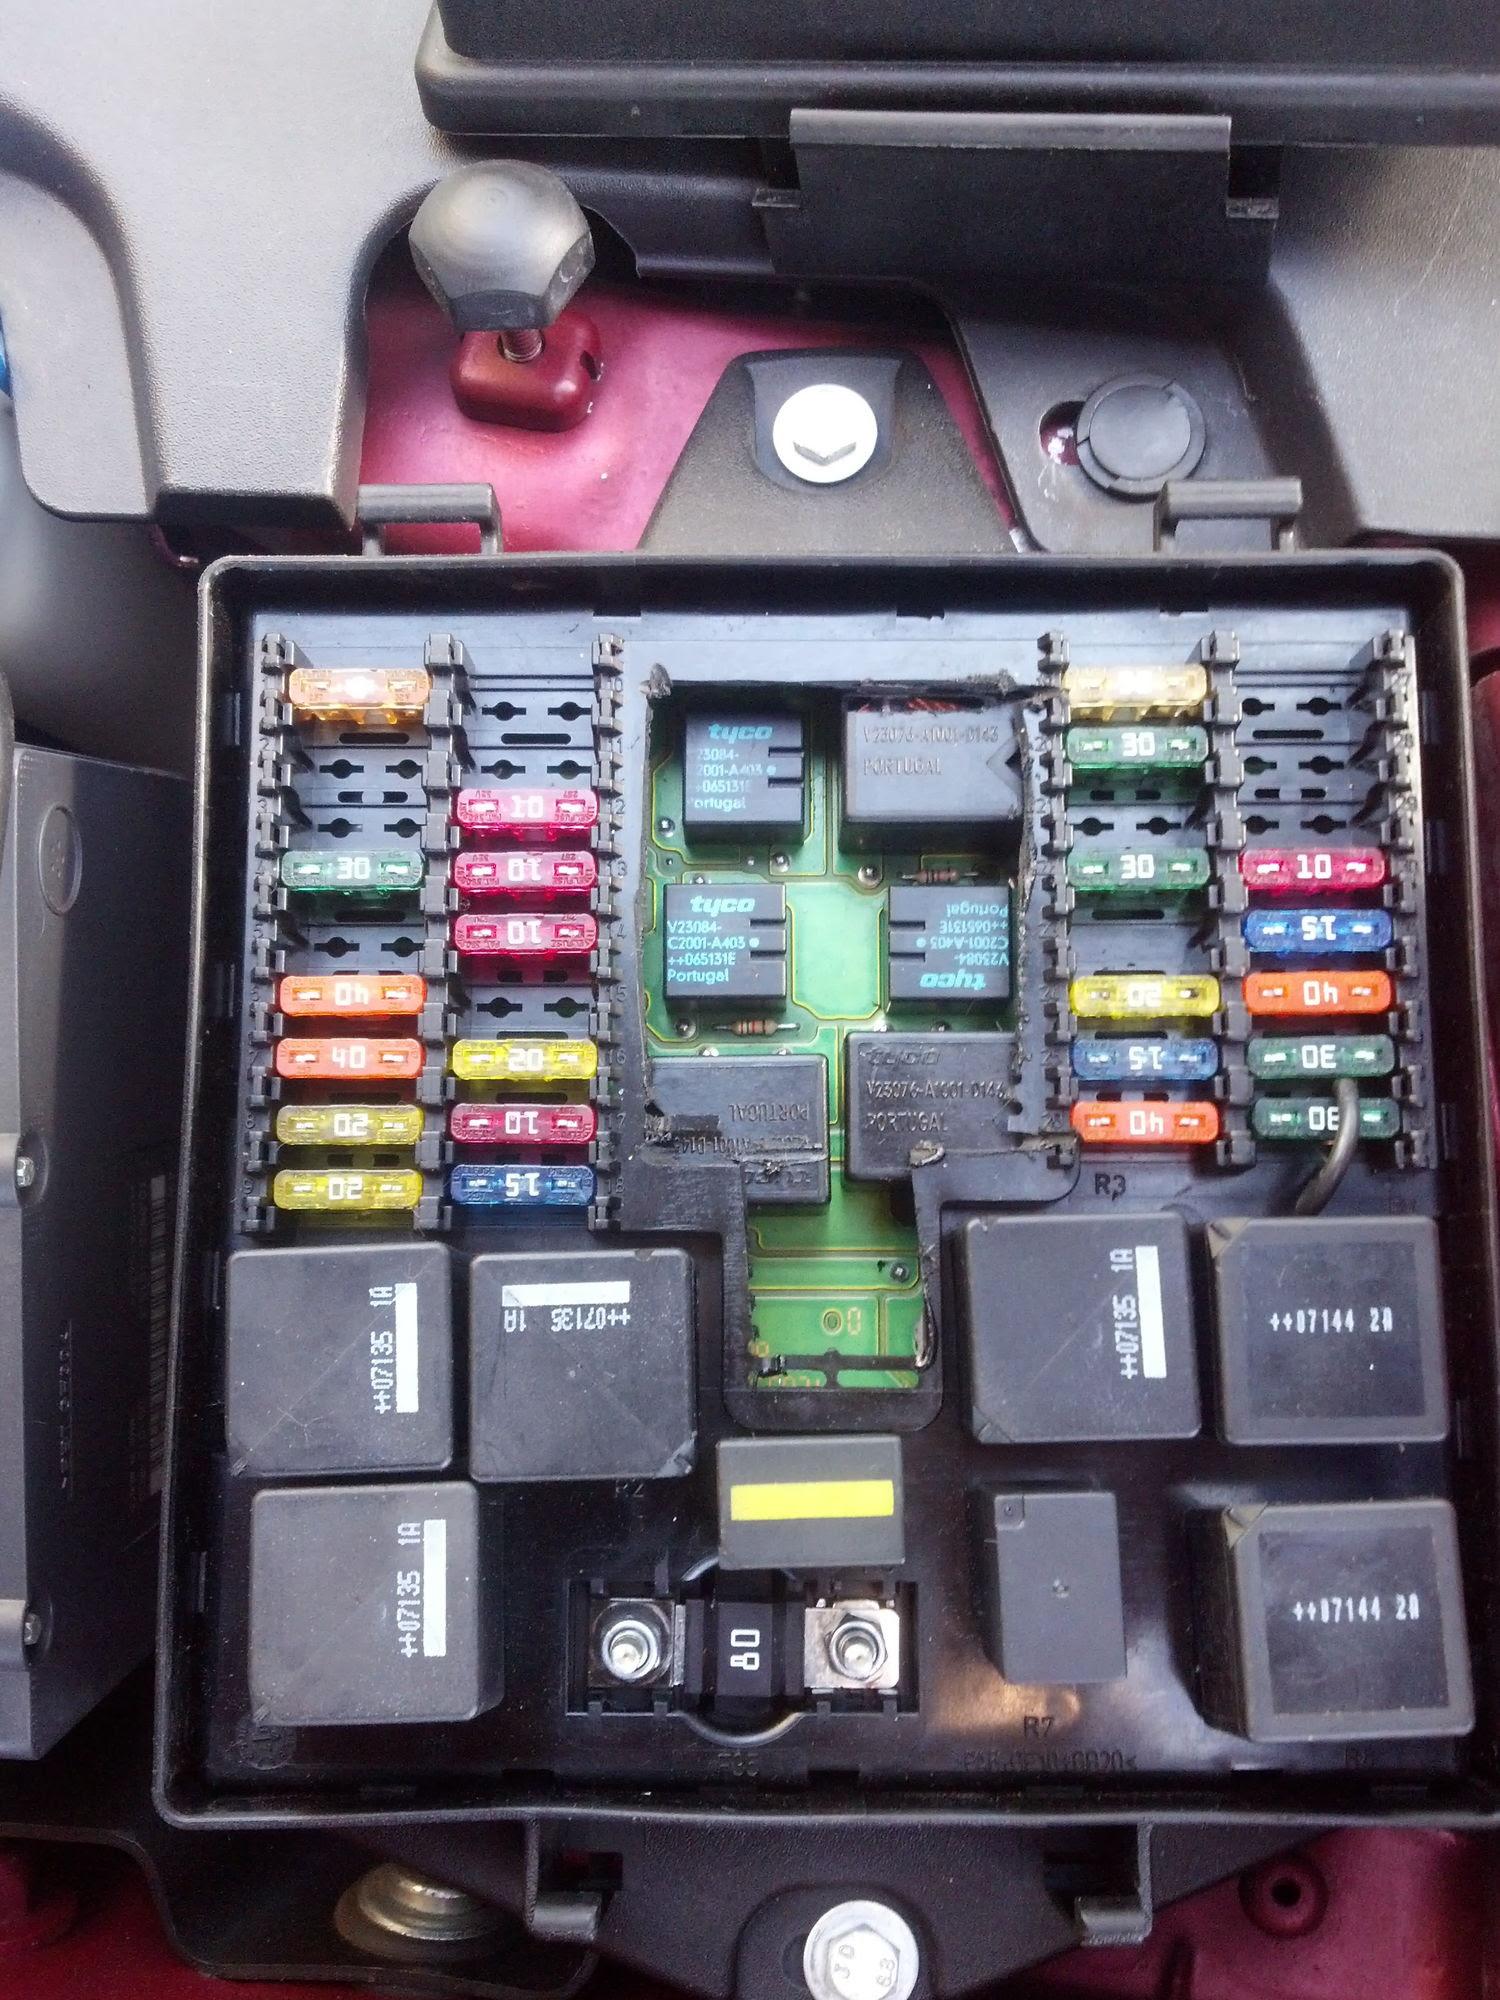 Wiring Diagram Jaguar Xj8 Fuse Diagram Full Hd Botdiagrams Bruxelles Enscene Be